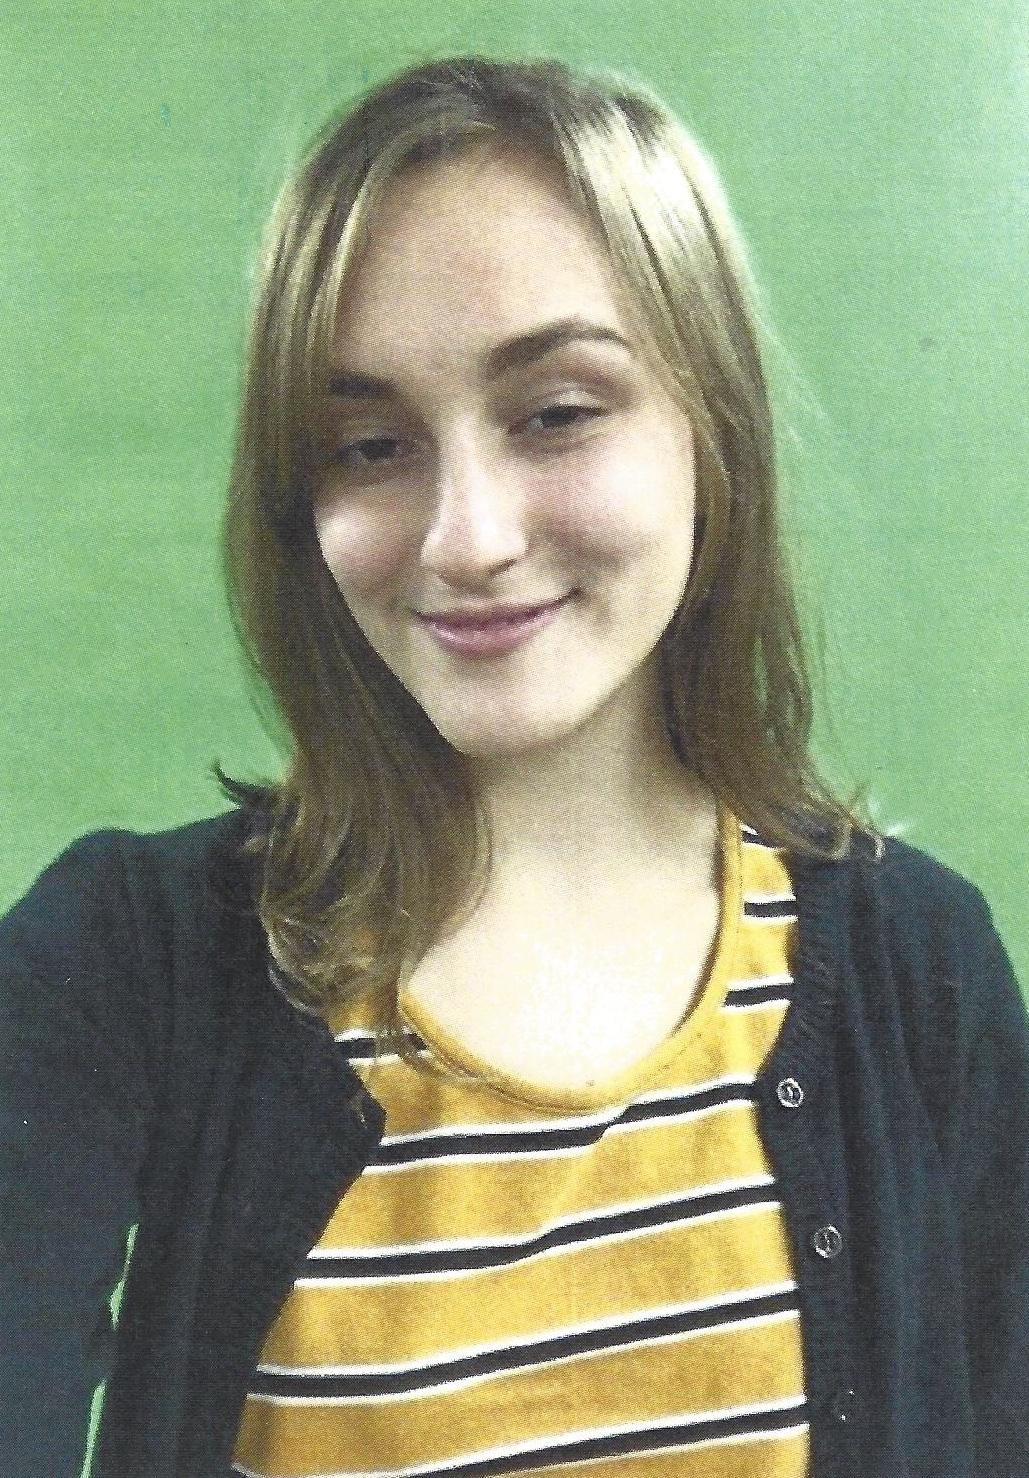 Rebecca Krupek